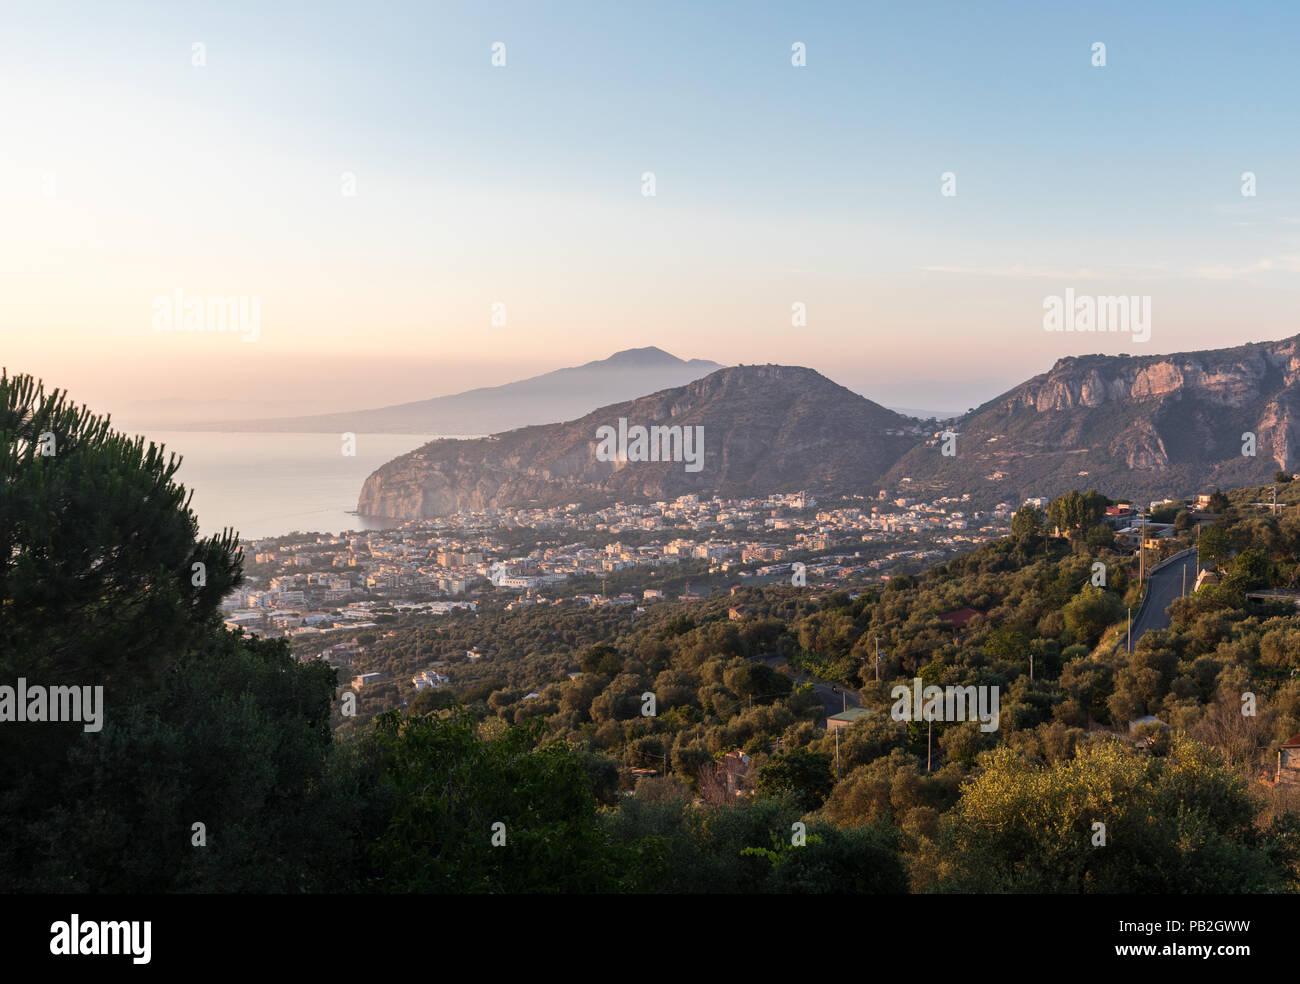 Romantique coucher de soleil dans le golfe de Naples et le Vésuve. Sorrento. Italie Photo Stock